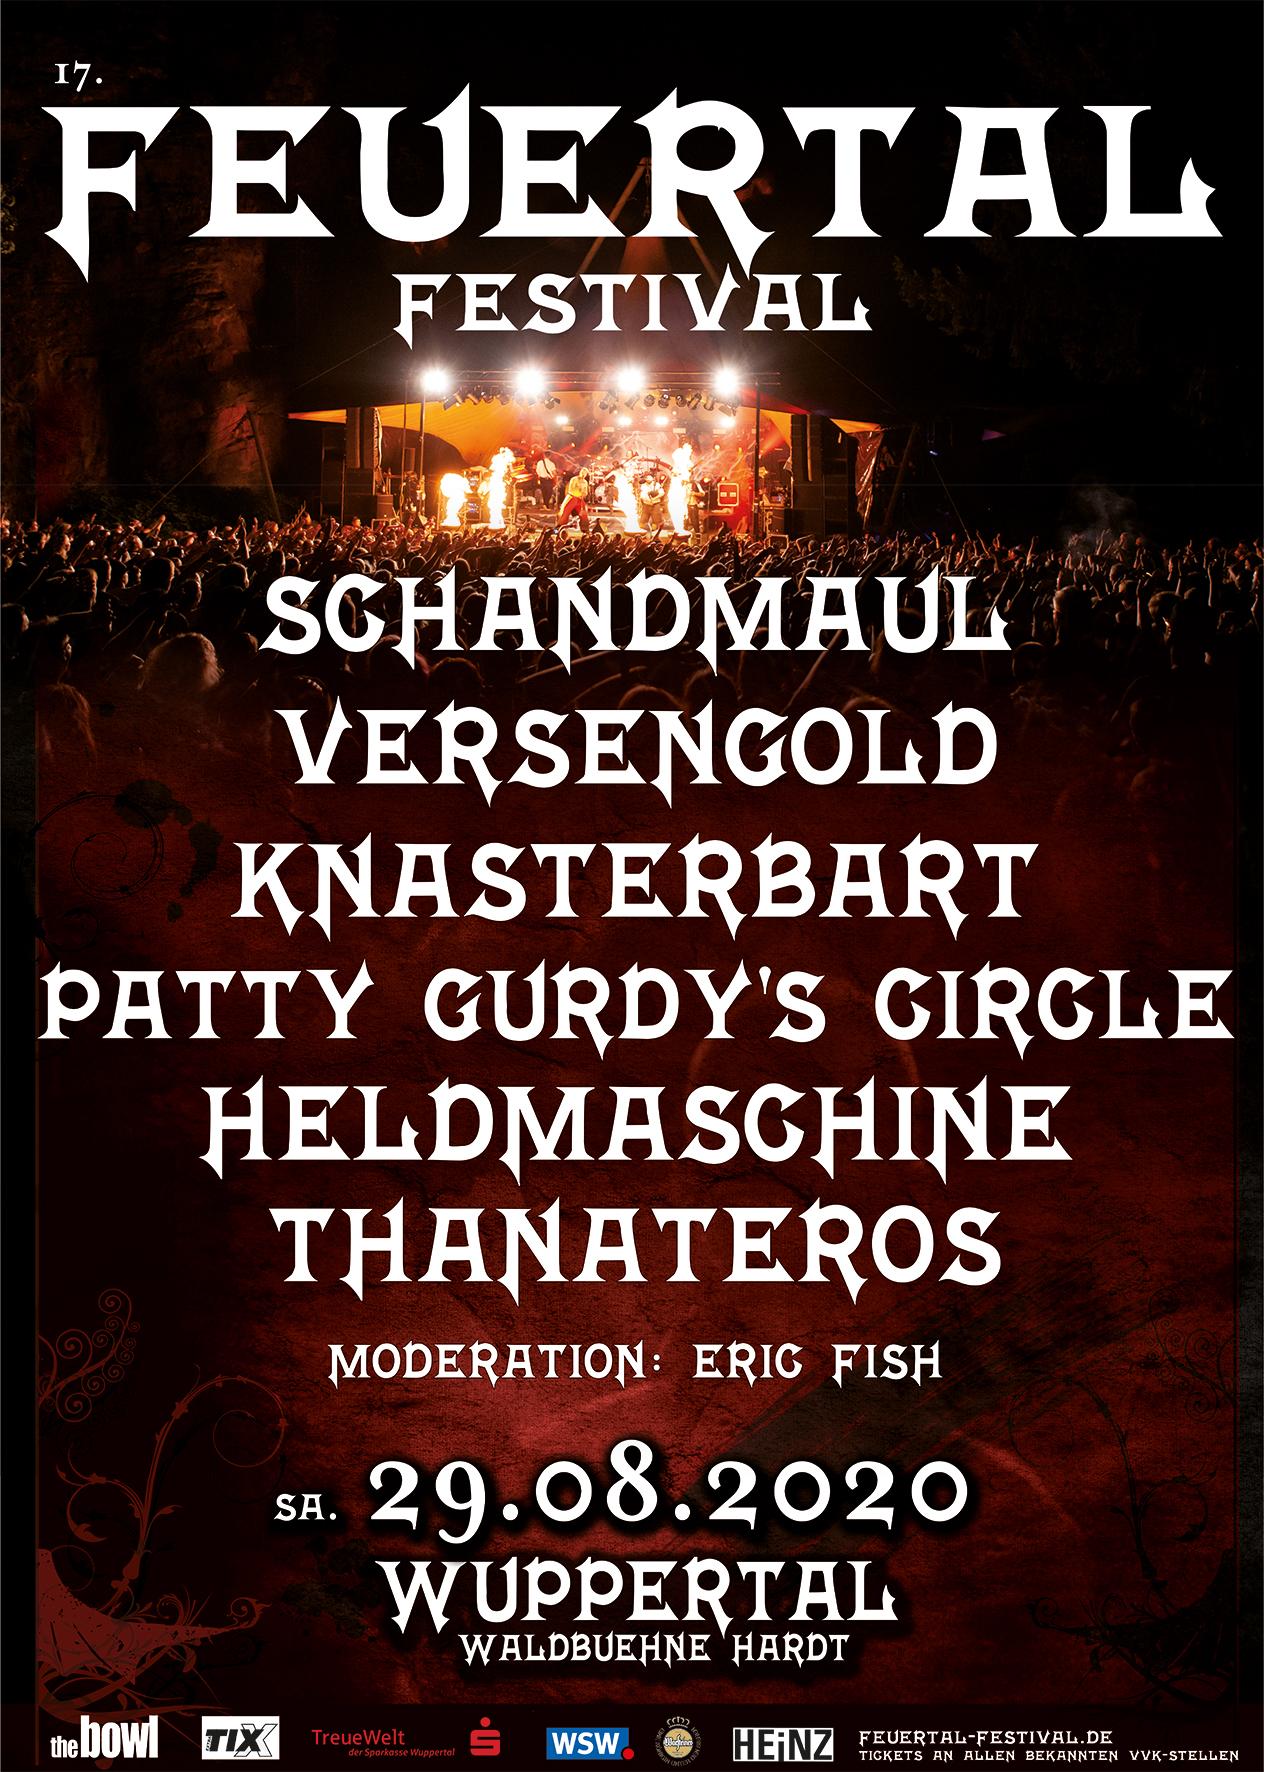 http://www.feuertal-festival.de/wp-content/uploads/2019/11/Feuertal_2020_web.jpg